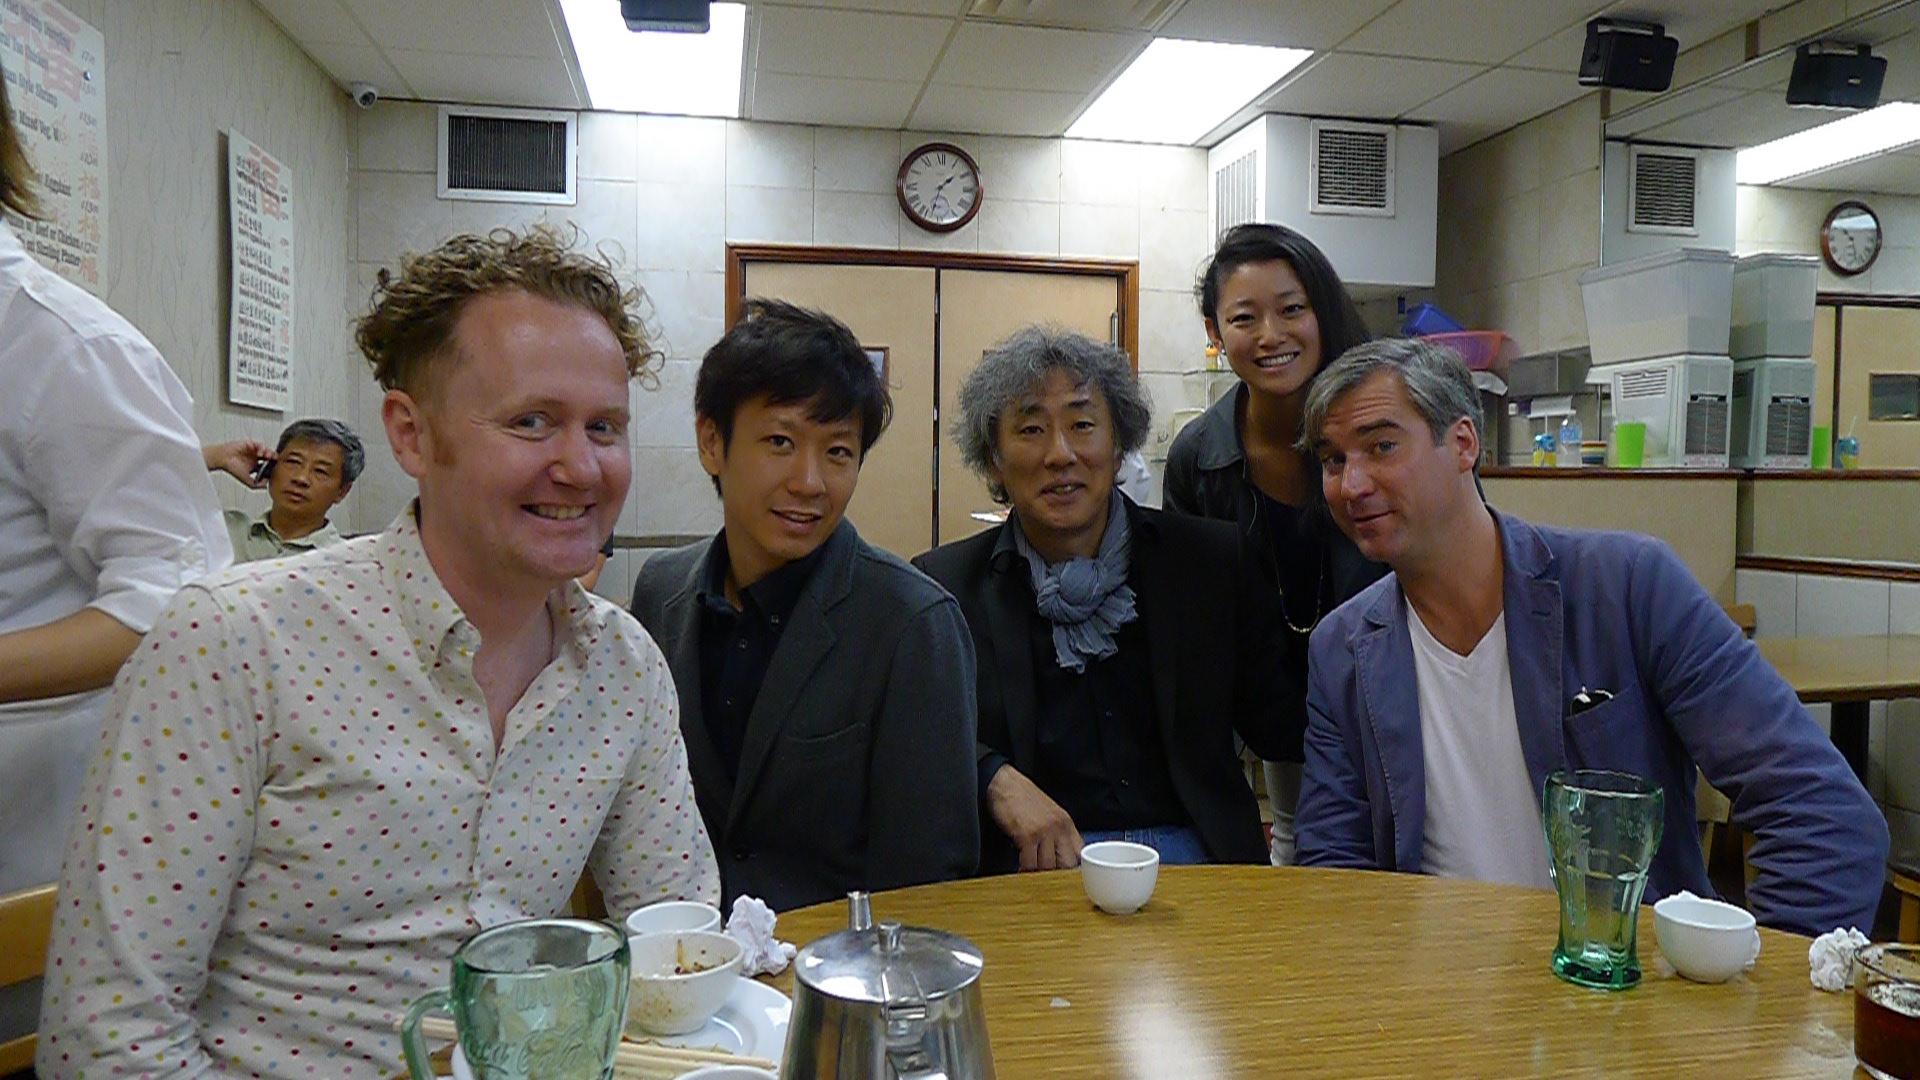 At Toronto's Swatow restaurant with Sake Brewers Kuheiji Kuno and Yusuke Hattori of Banjo Jozo.